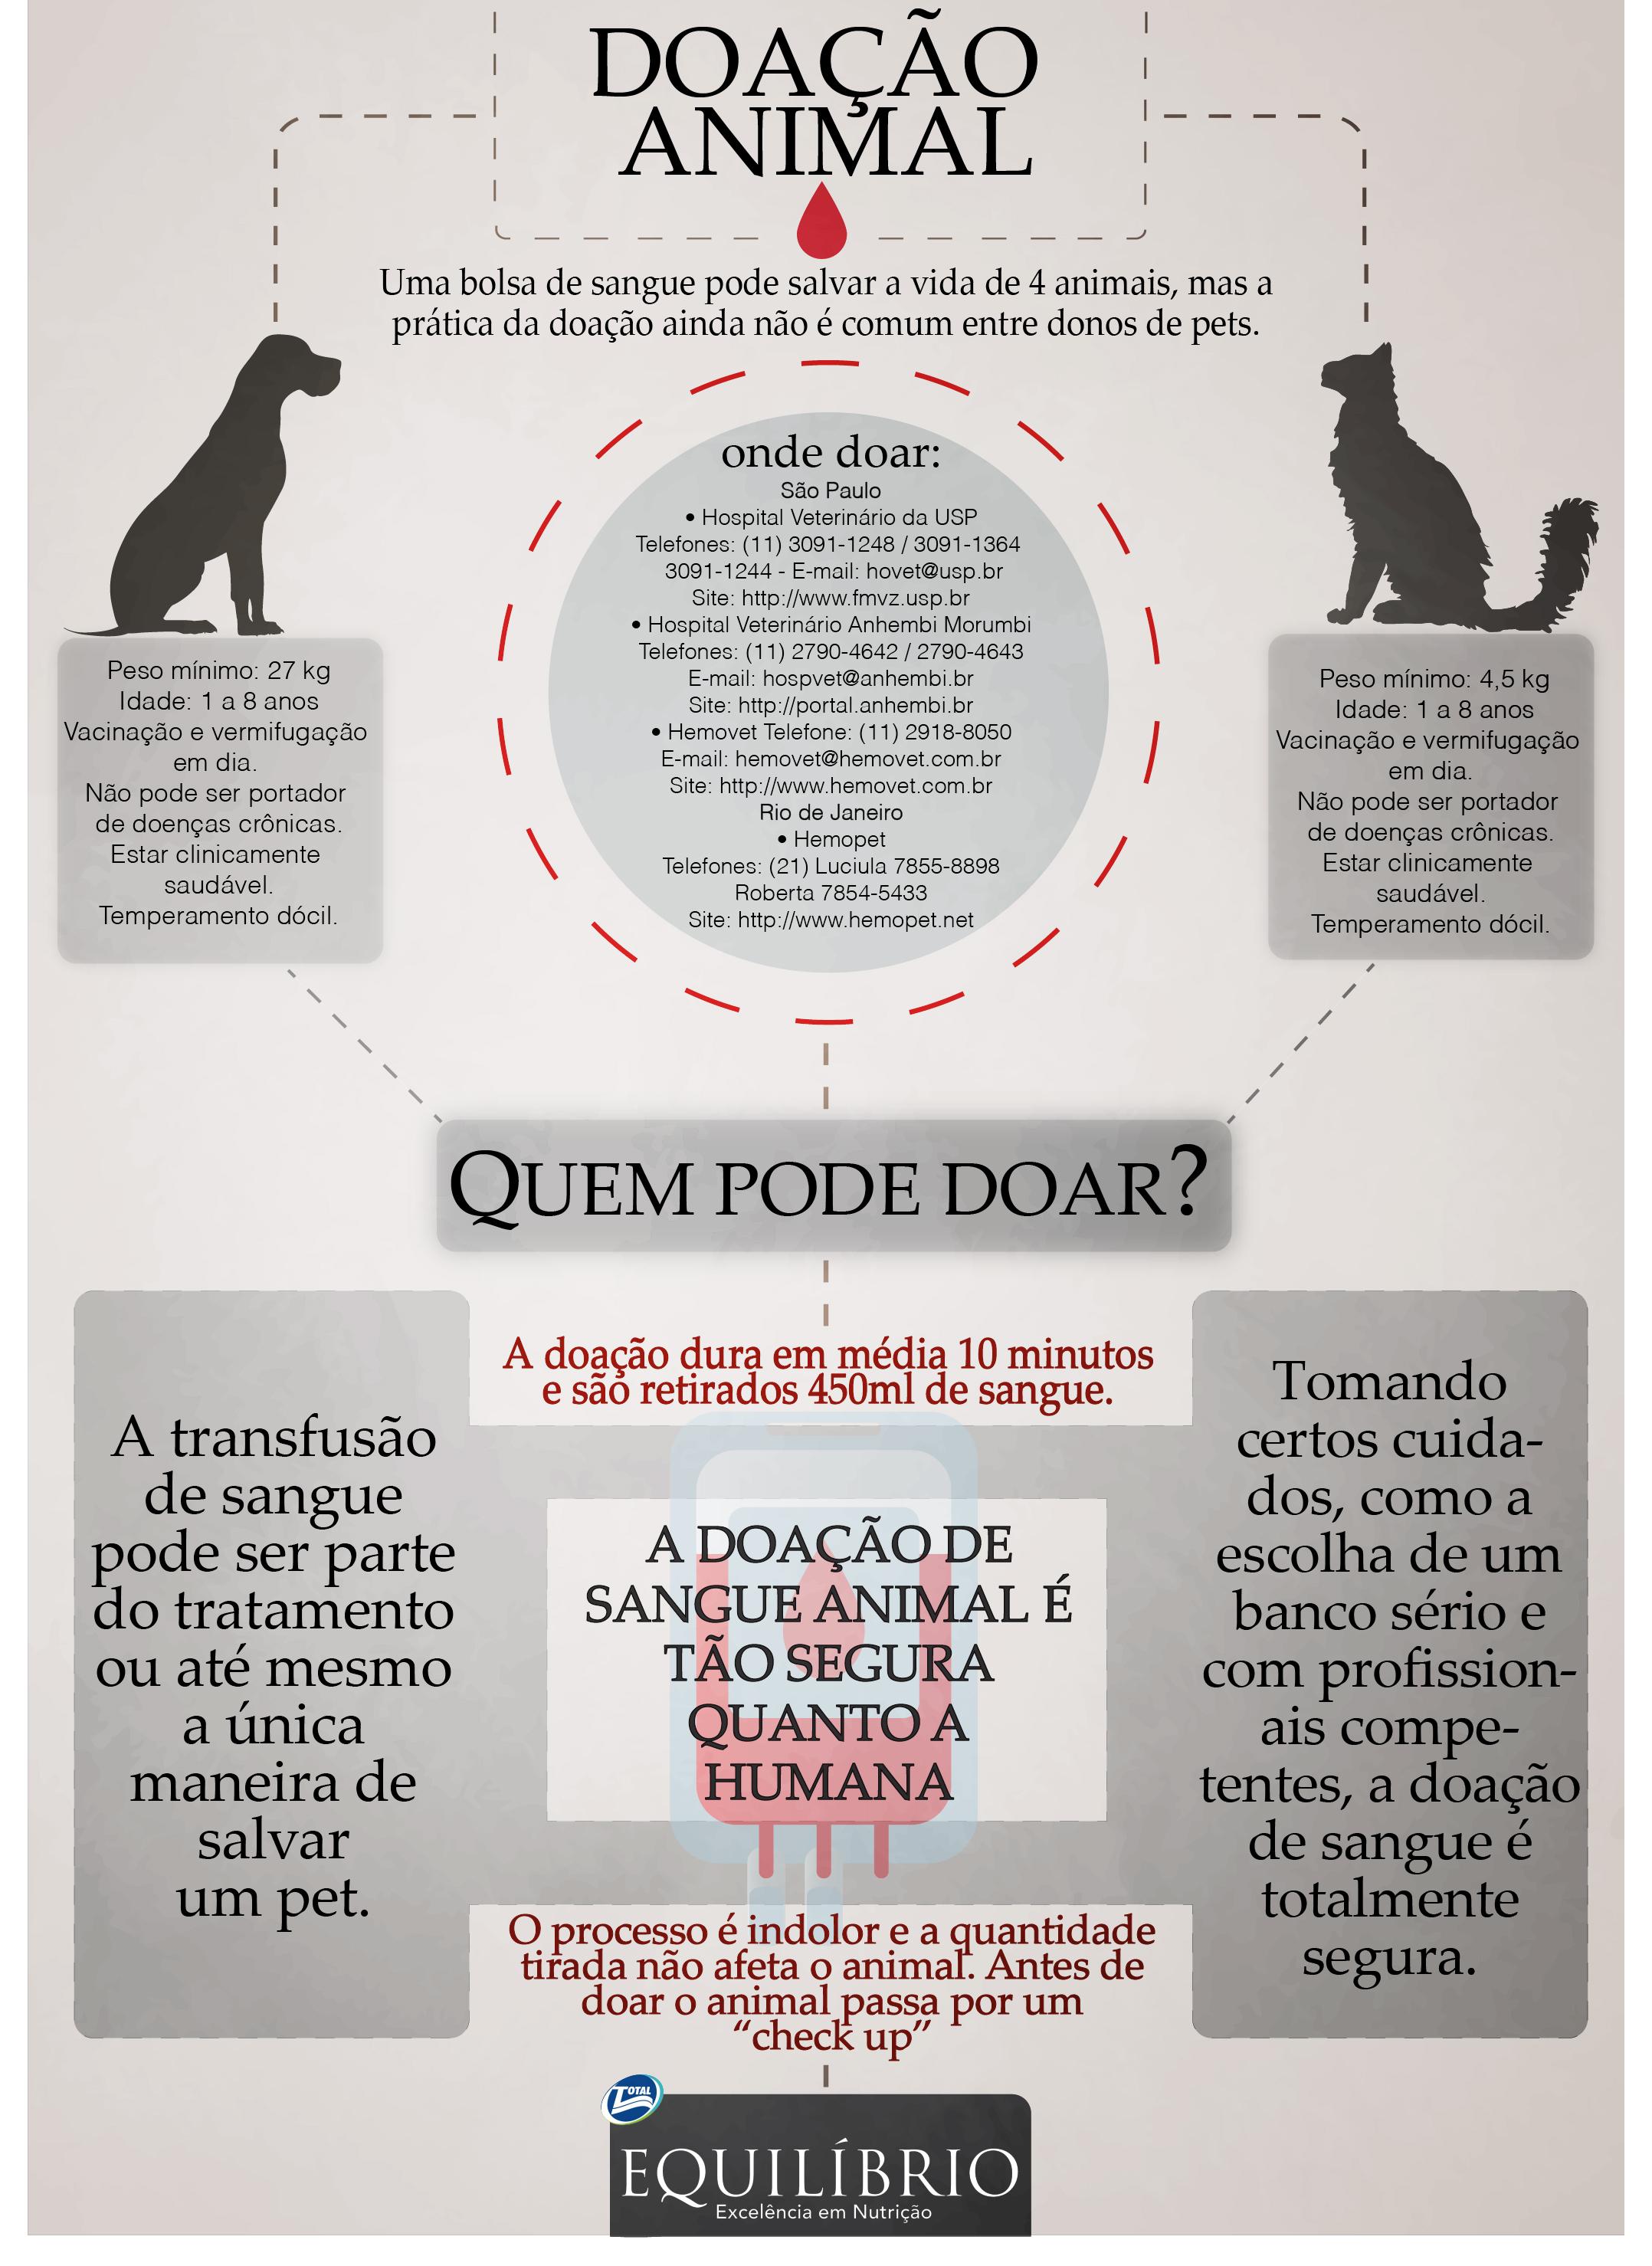 doação de sangue de animais principais informações